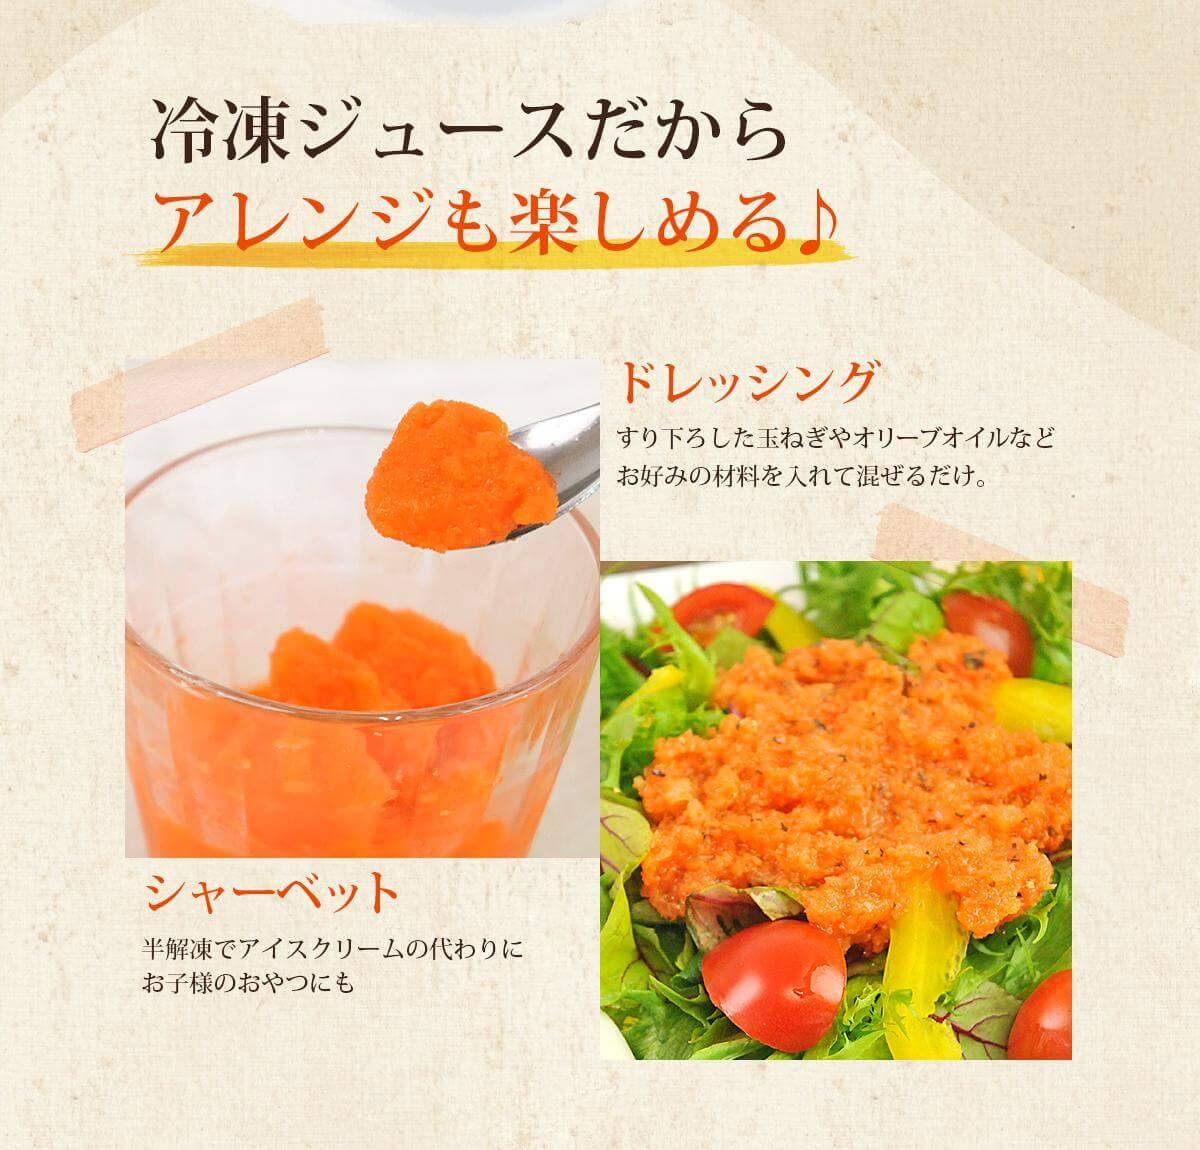 冷凍ジュースだからアレンジも楽しめる